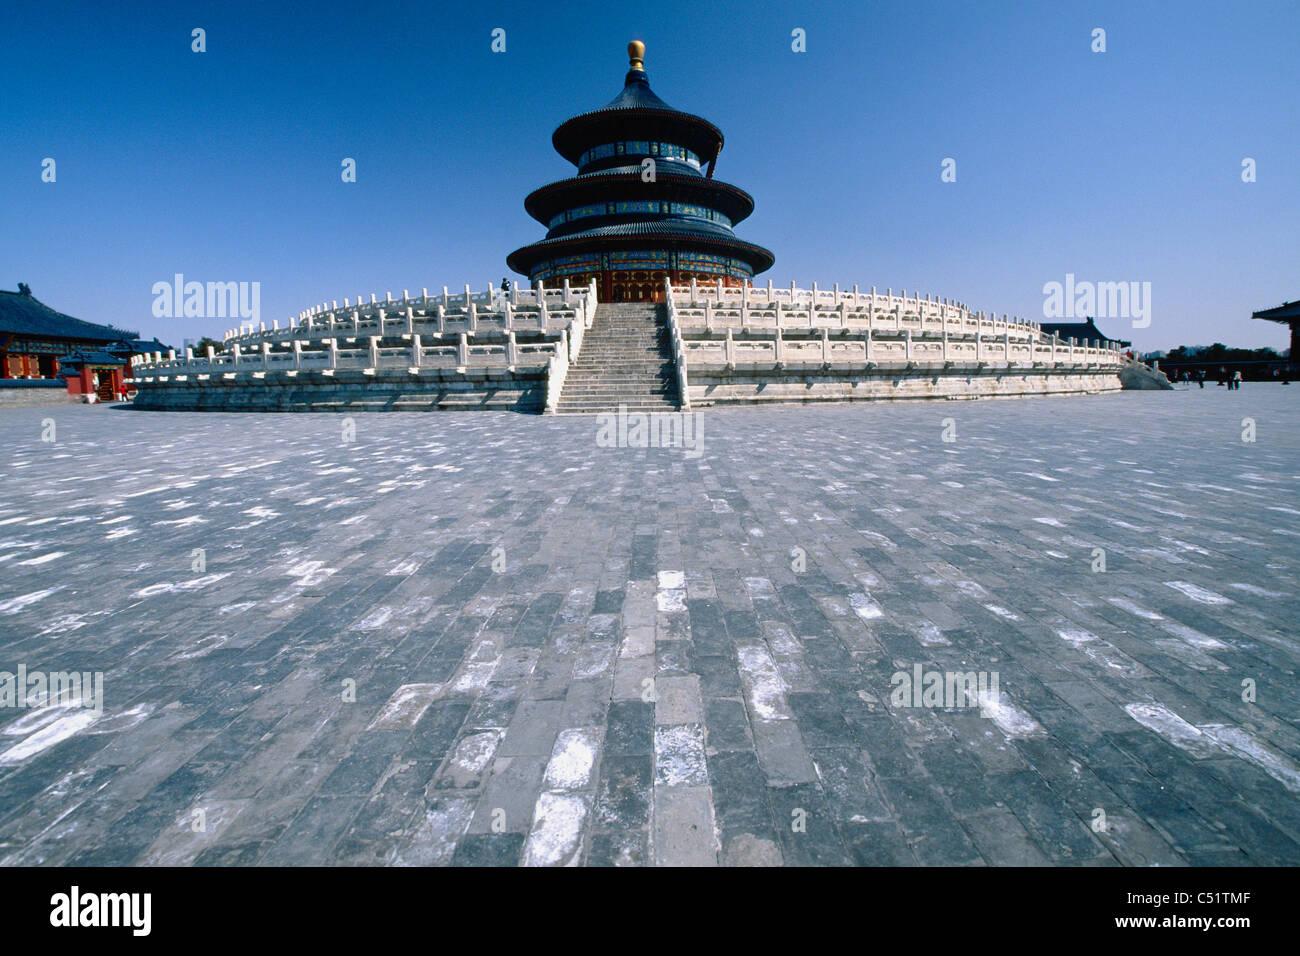 Salle de Prière pour les bonnes récoltes , Temple du Ciel, Beijing, Chine Photo Stock